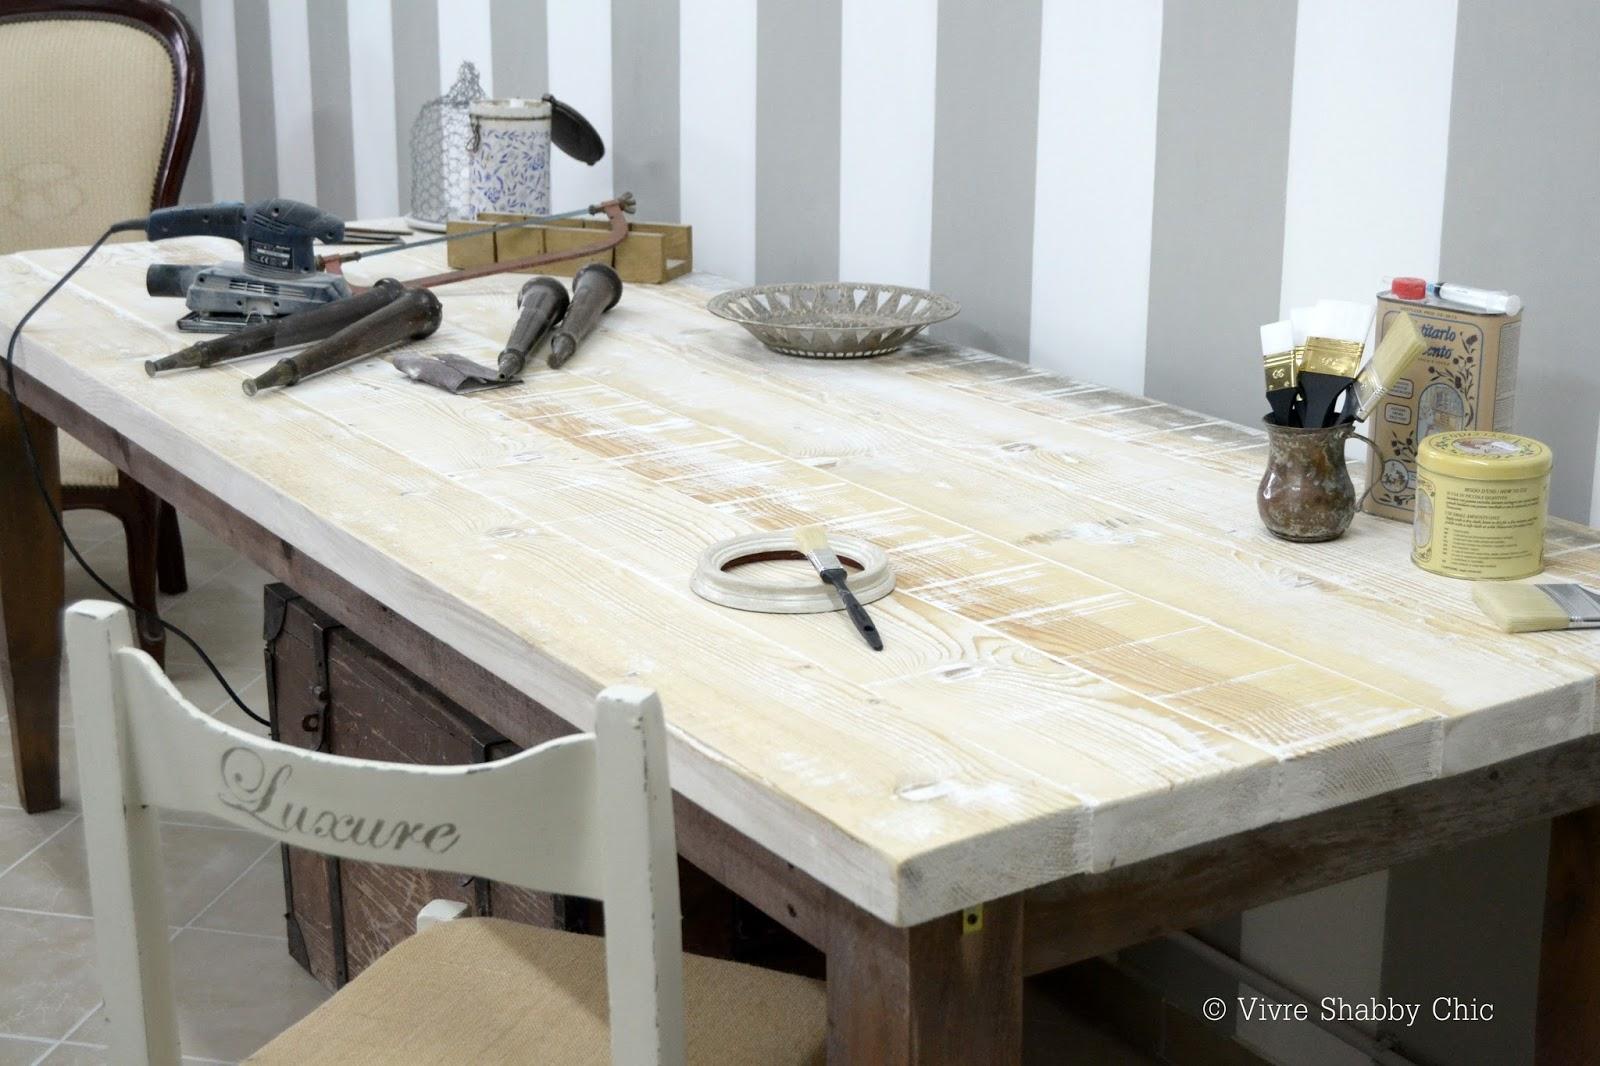 Famoso Vivre Shabby Chic: - Un tavolo per il mio Laboratorio - SG71